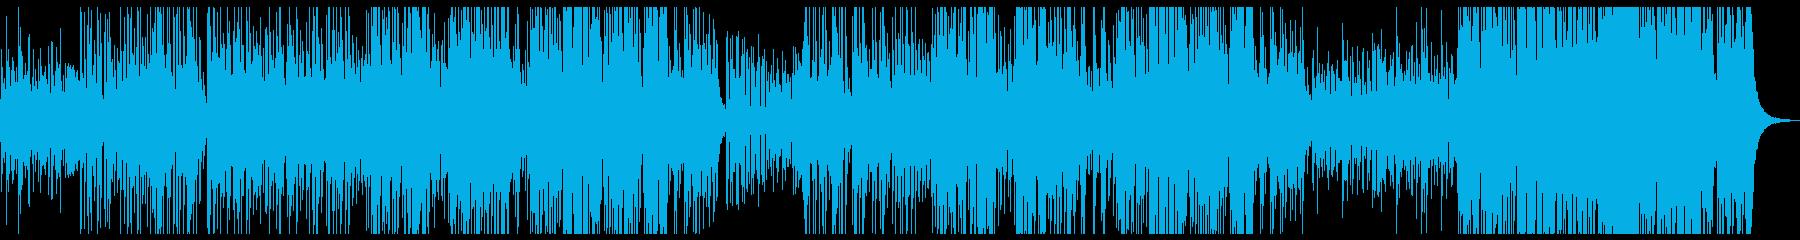 切なくお洒落なアコギエンディング曲の再生済みの波形